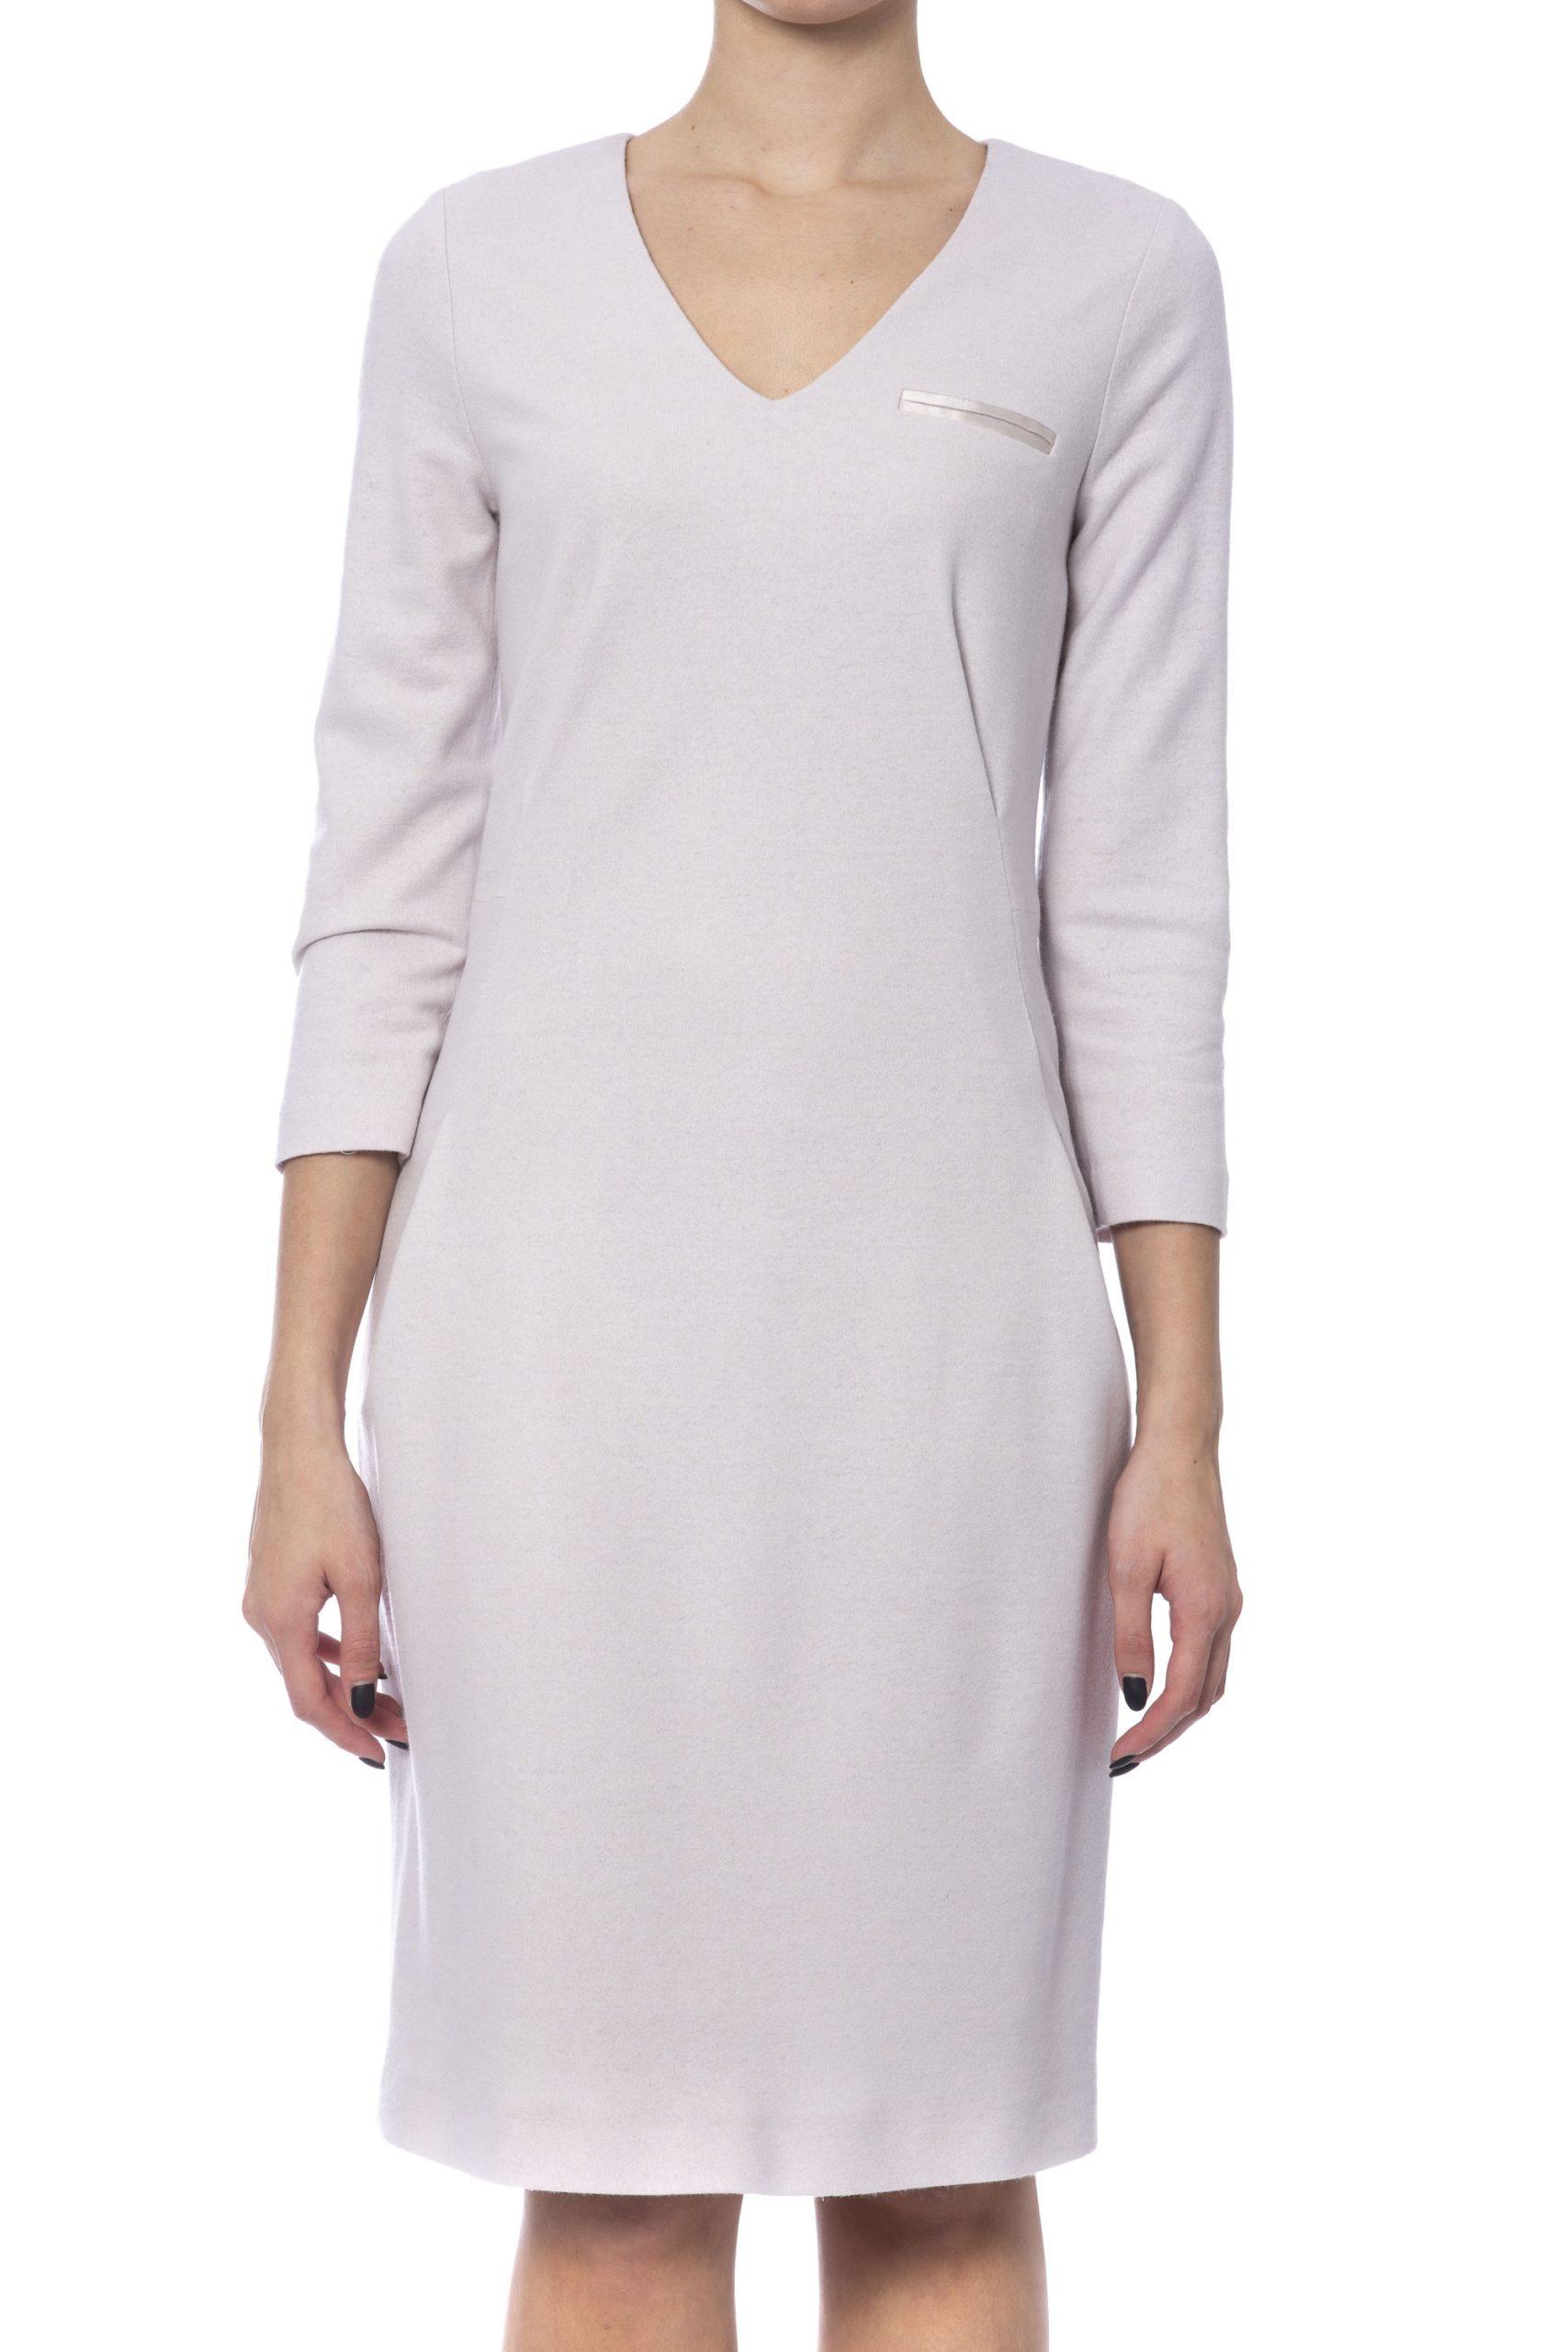 Peserico Women's Dress Beige PE992194 - IT42 | S